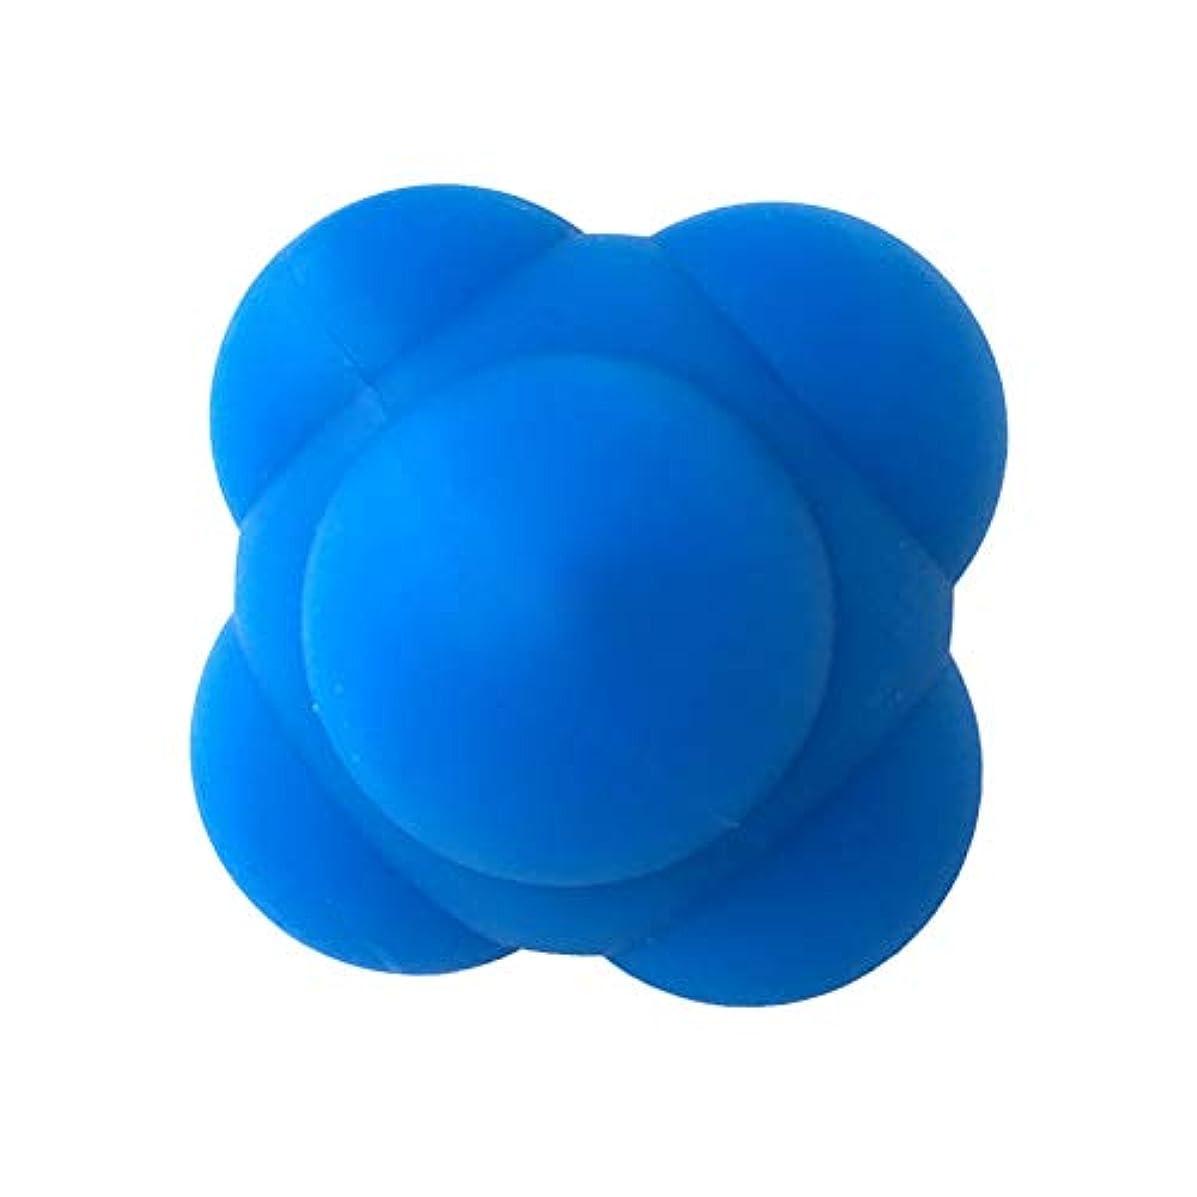 一見約デザイナーSUPVOX 野球 練習用品 トレーニングボール ヘキサゴンボール リアクションボール スポーツボール6cm(青)